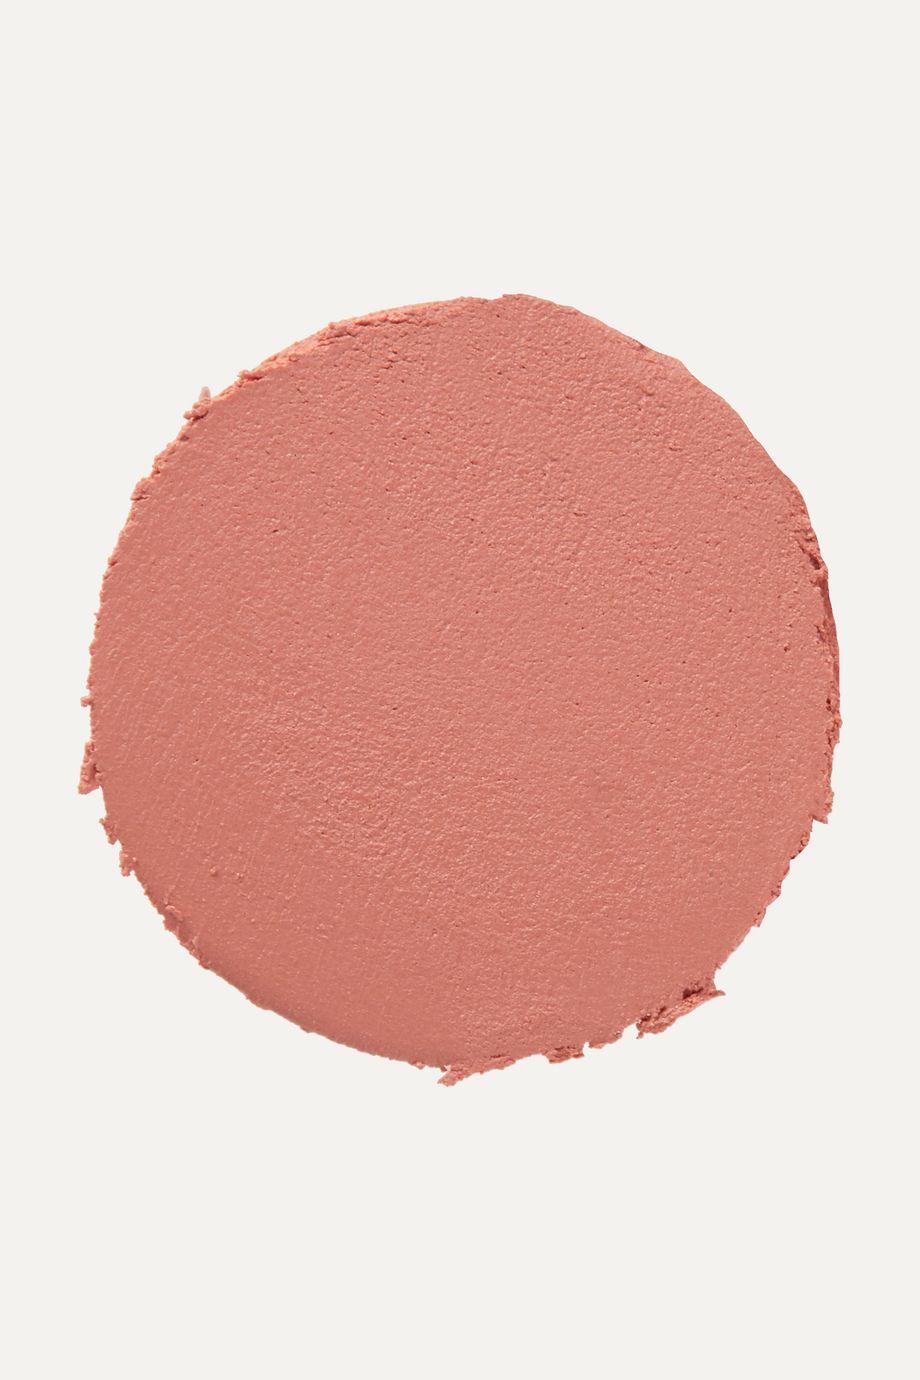 Illamasqua Antimatter Lipstick - Maya